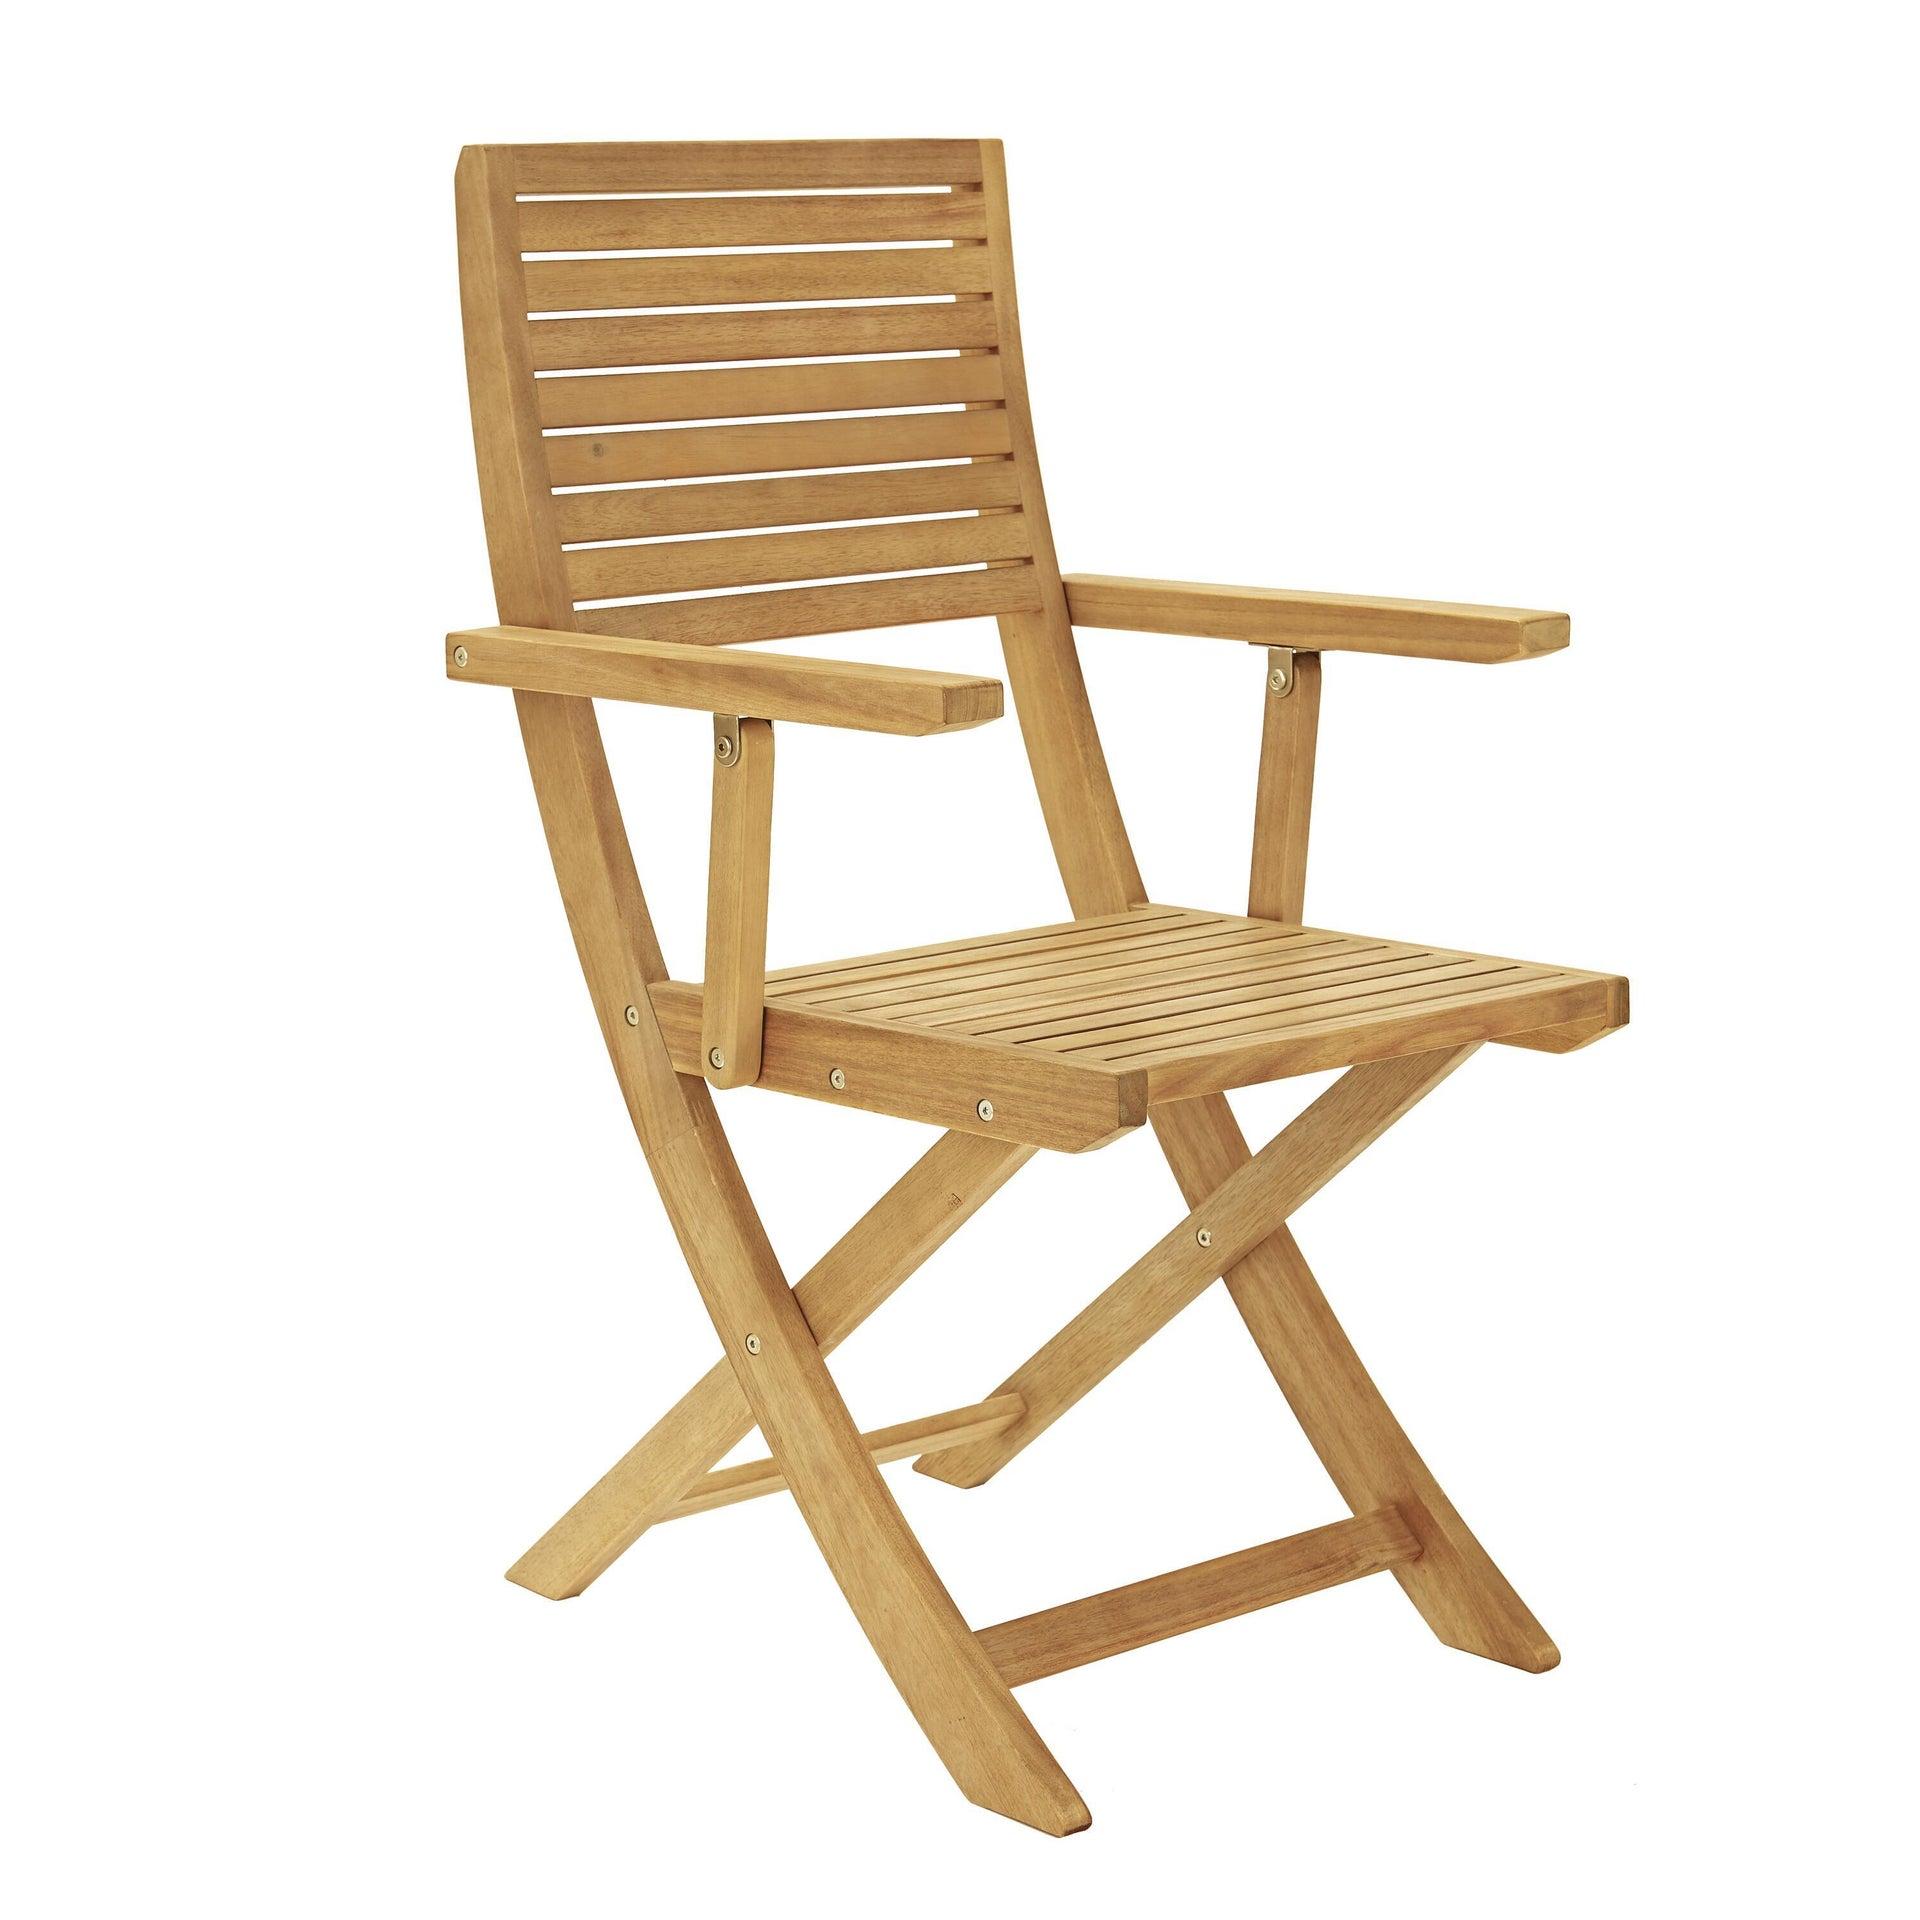 Sedia con braccioli senza cuscino pieghevole in legno Solaris NATERIAL colore acacia - 17